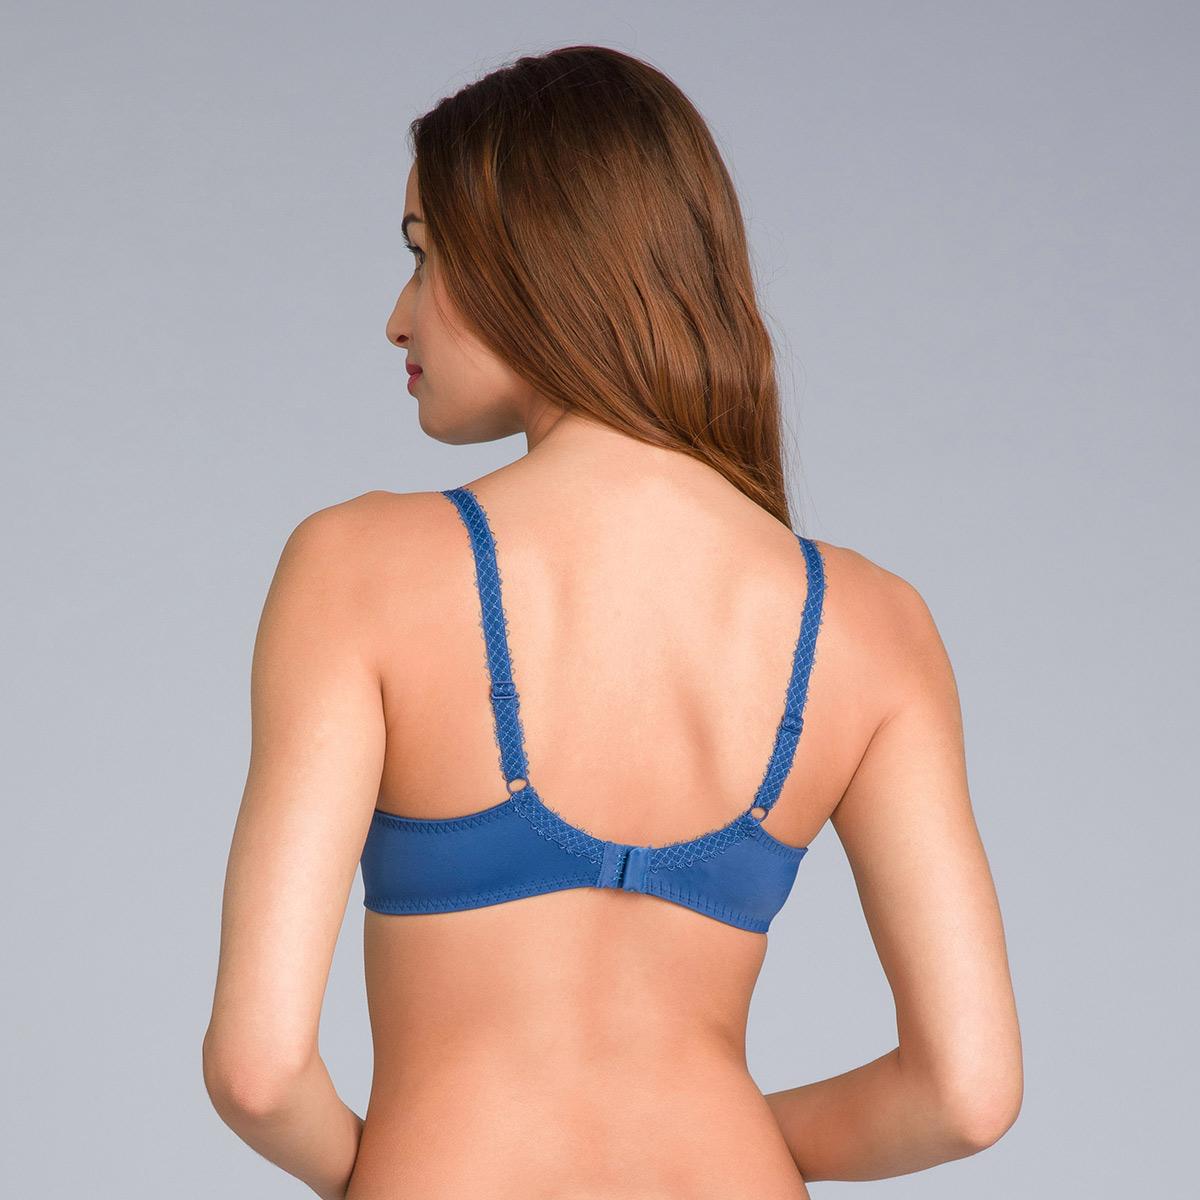 Full Cup Bra in Lace & Microfibre Navy Blue Print - Flower Elegance - PLAYTEX